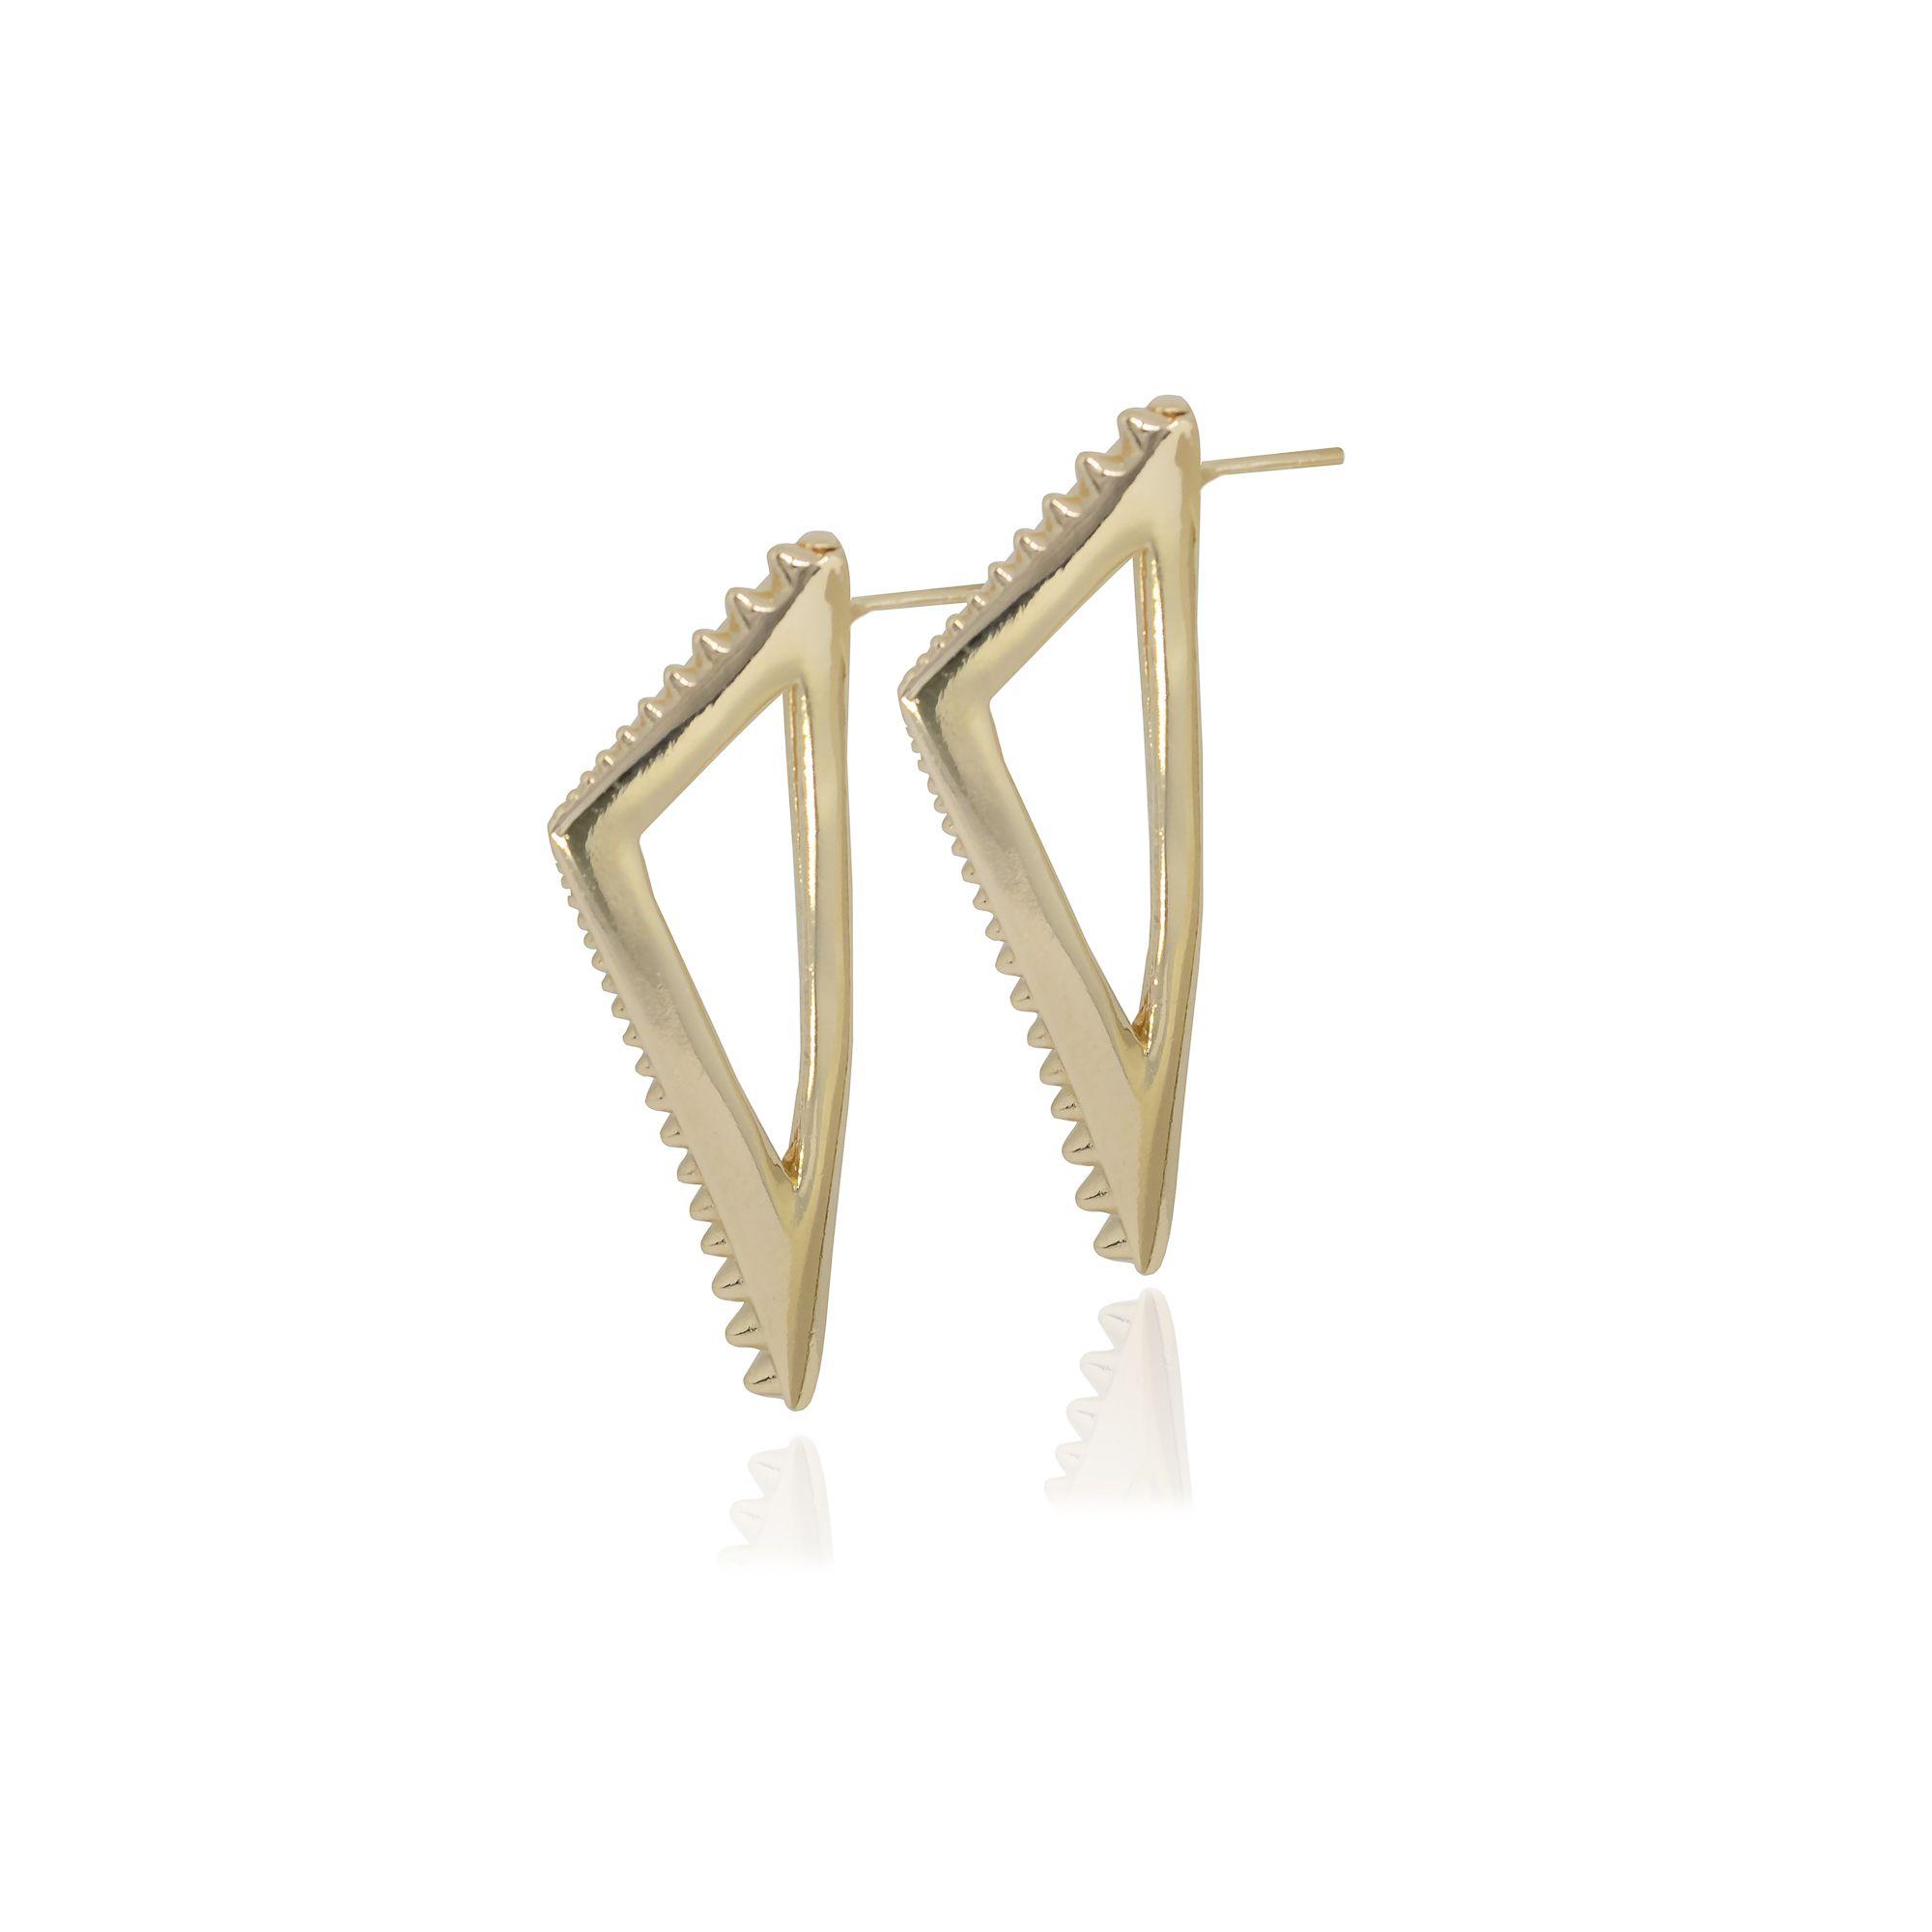 Brinco Semi joia triângulo com spikes vazada folheado a ouro 18k ou rhodium